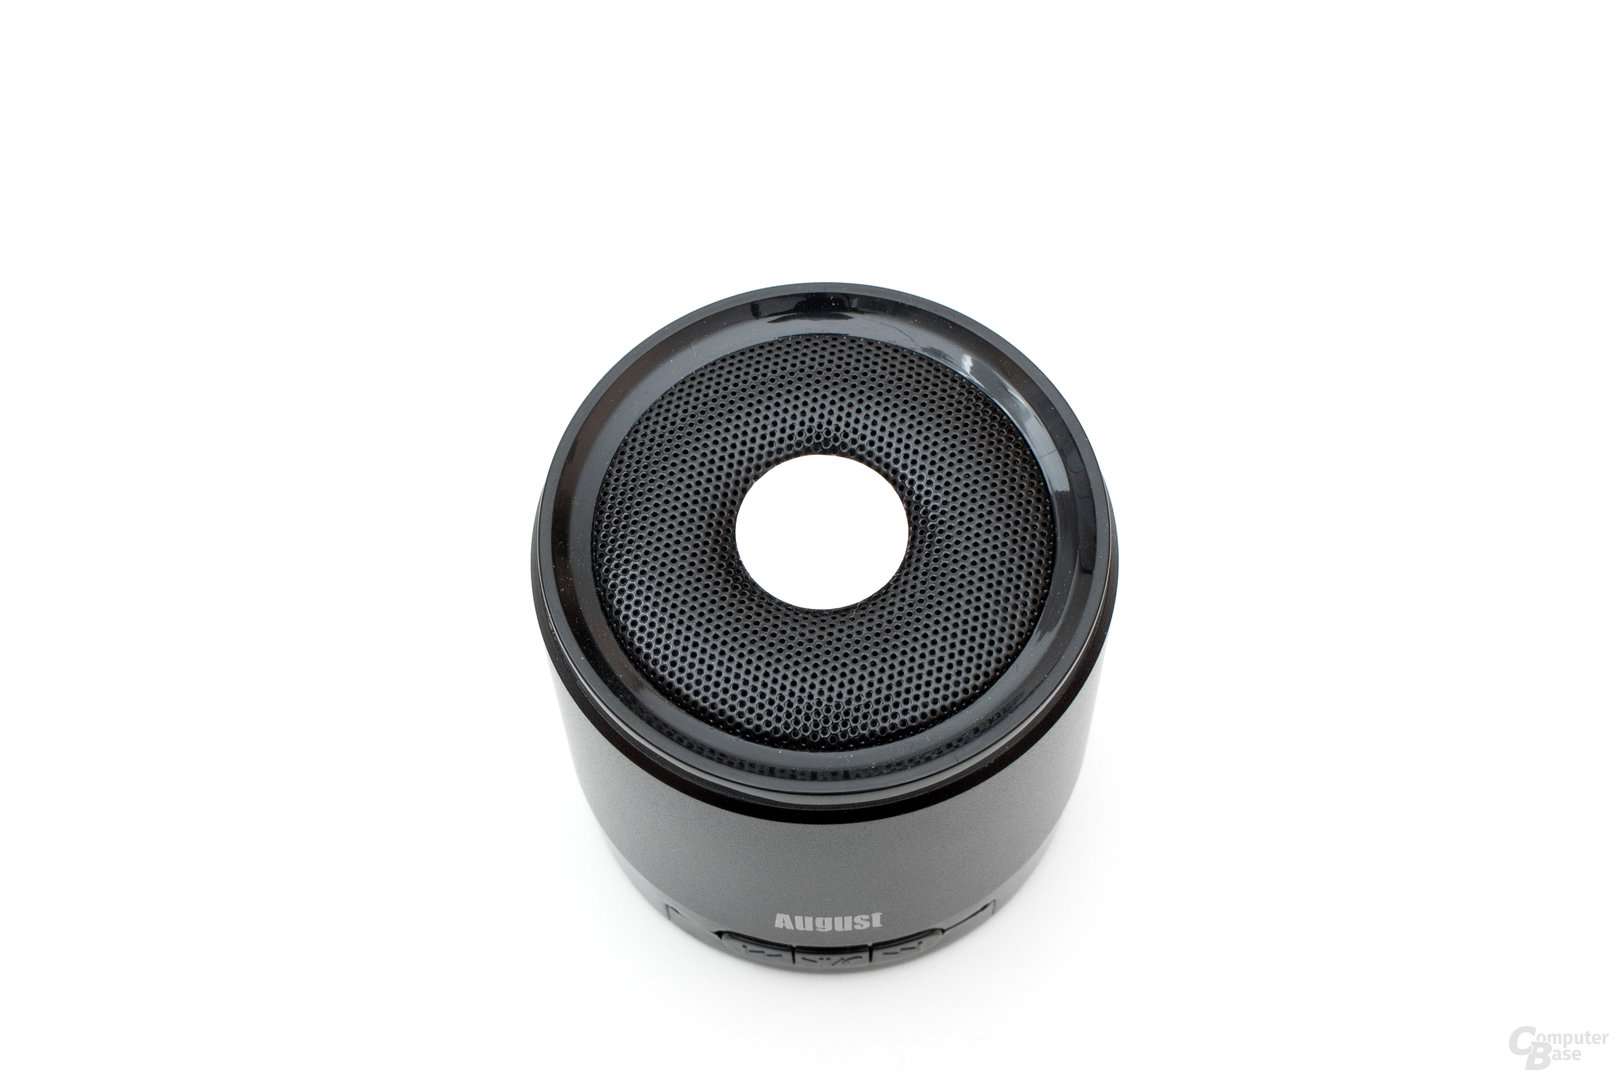 August MS425 mit 360°-Strahler